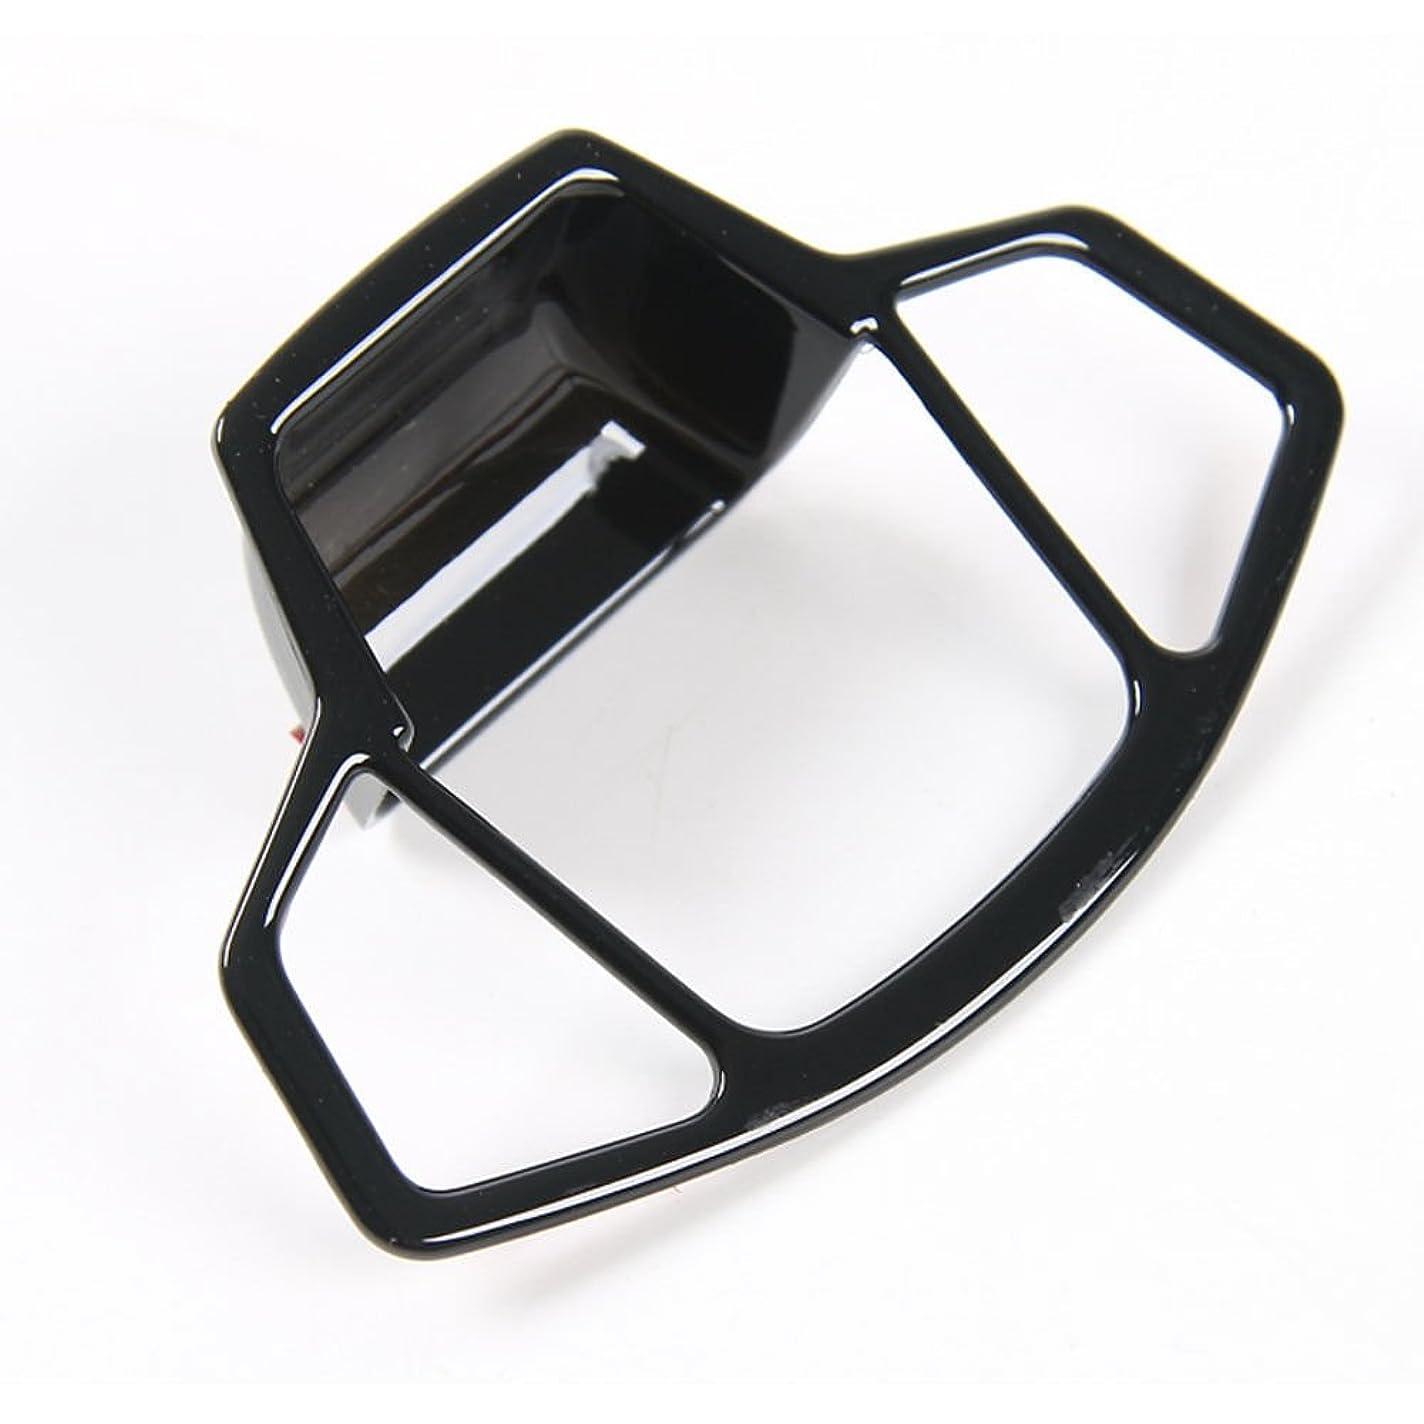 候補者火山気体のJicorzo - Car Electronic Handbrake Parking Button Cover Trim Black For Jeep COMPASS 2017-2018 Car Interior Accessories Styling